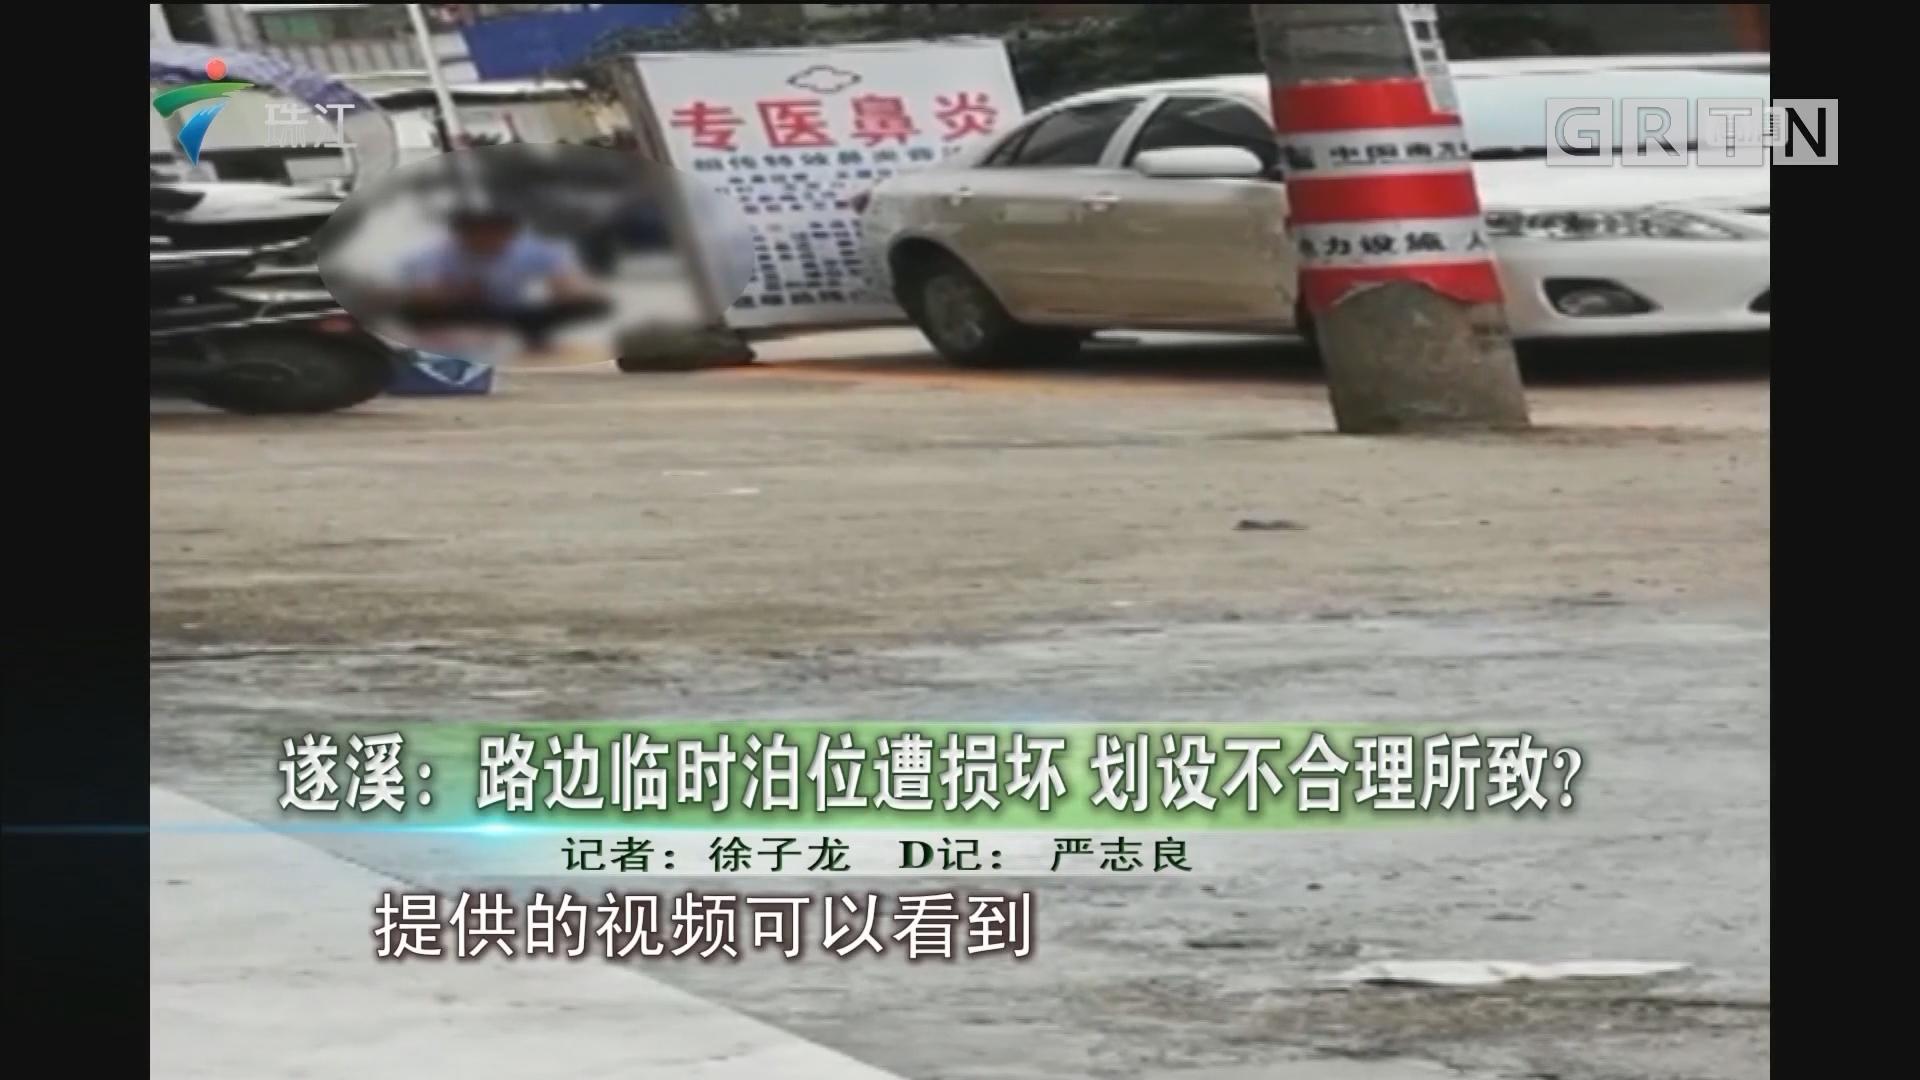 遂溪:路边临时泊位遭损坏 划设不合理所致?